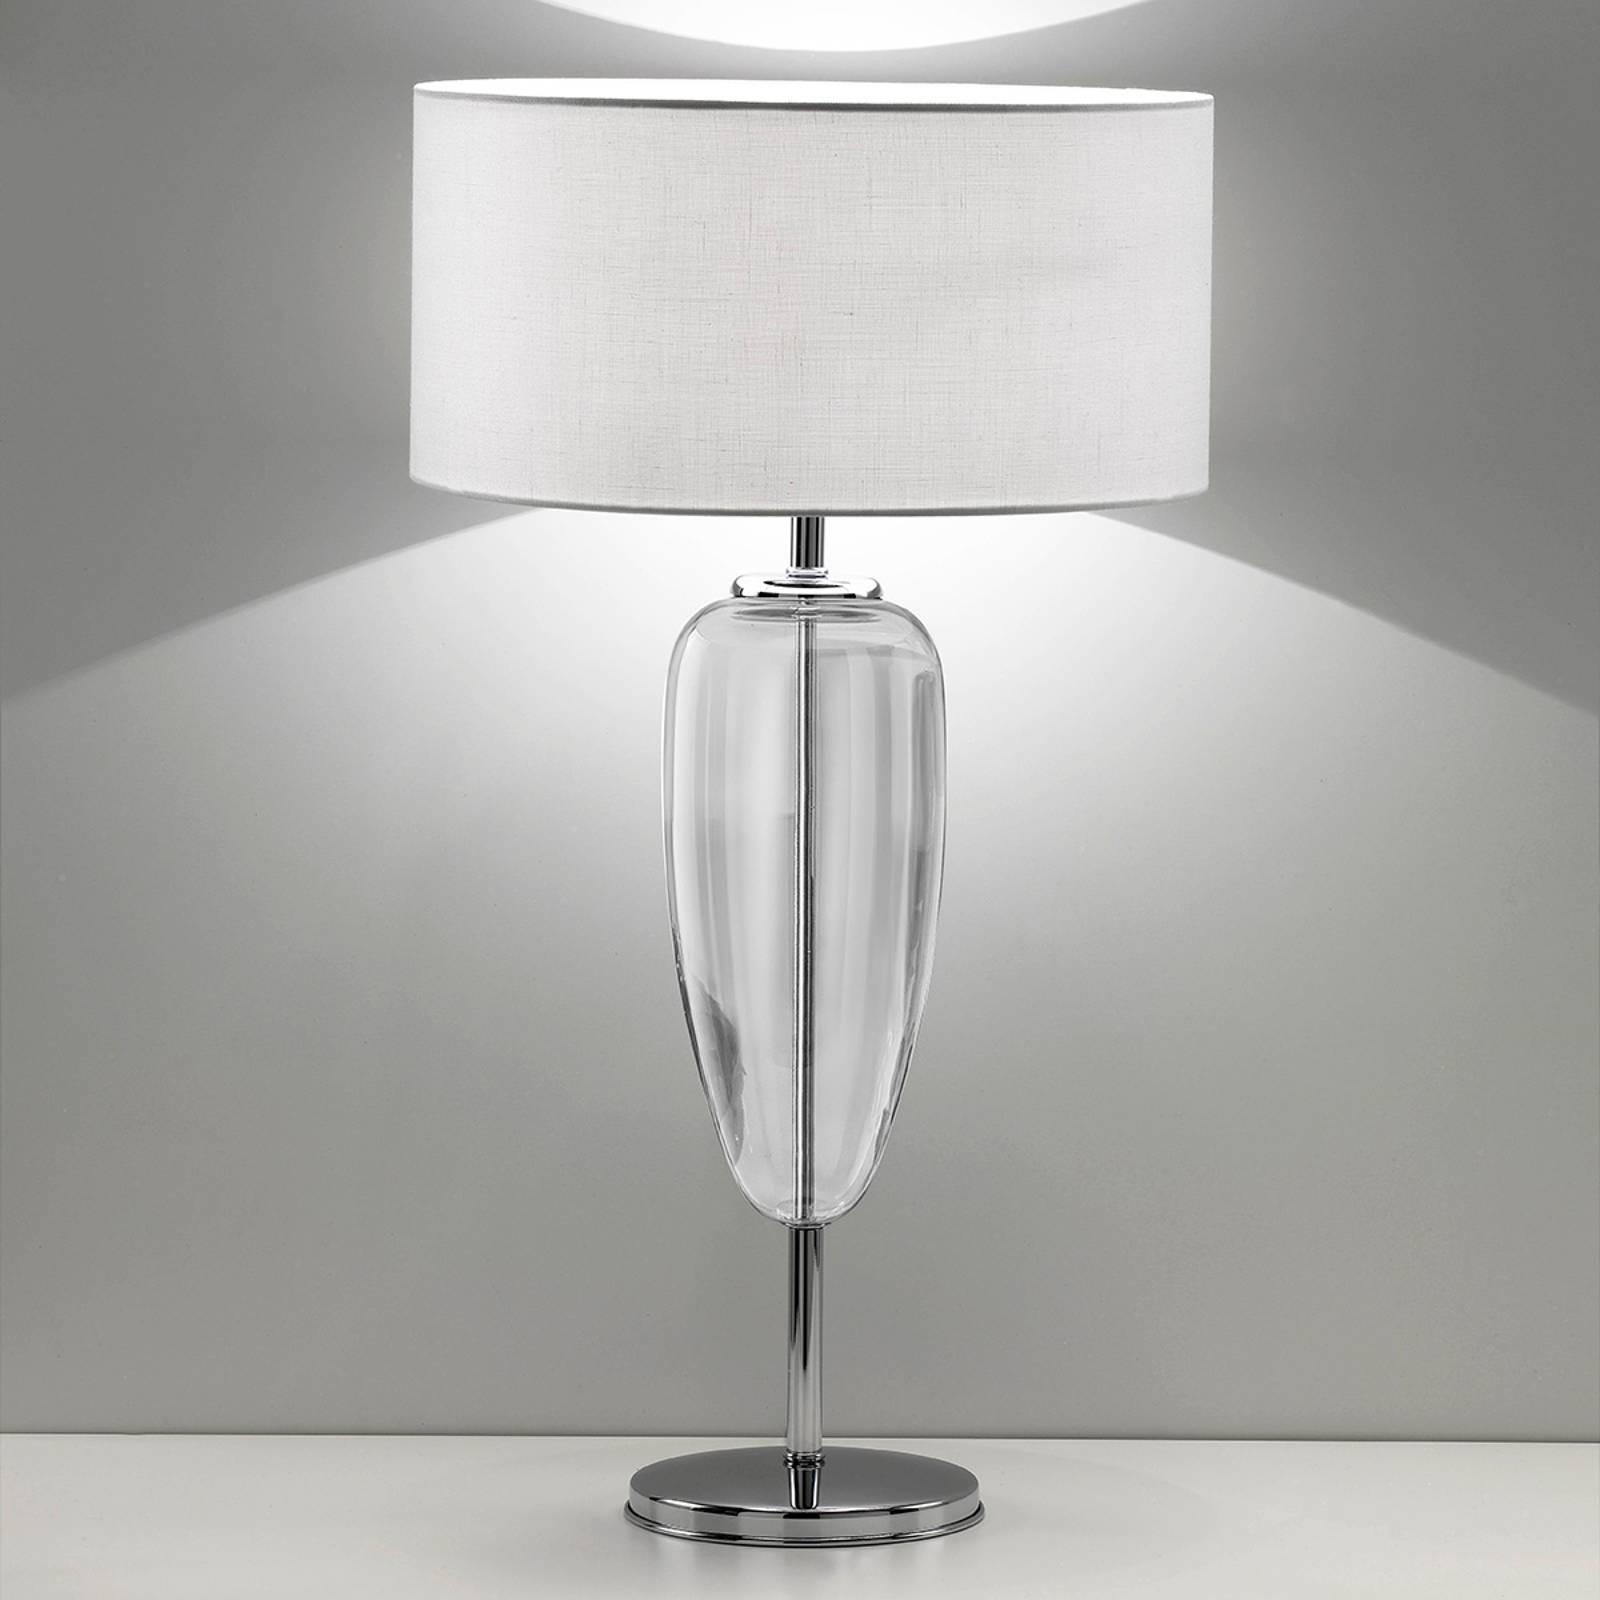 Lampe à poser Show Ogiva 82cm verre transparent